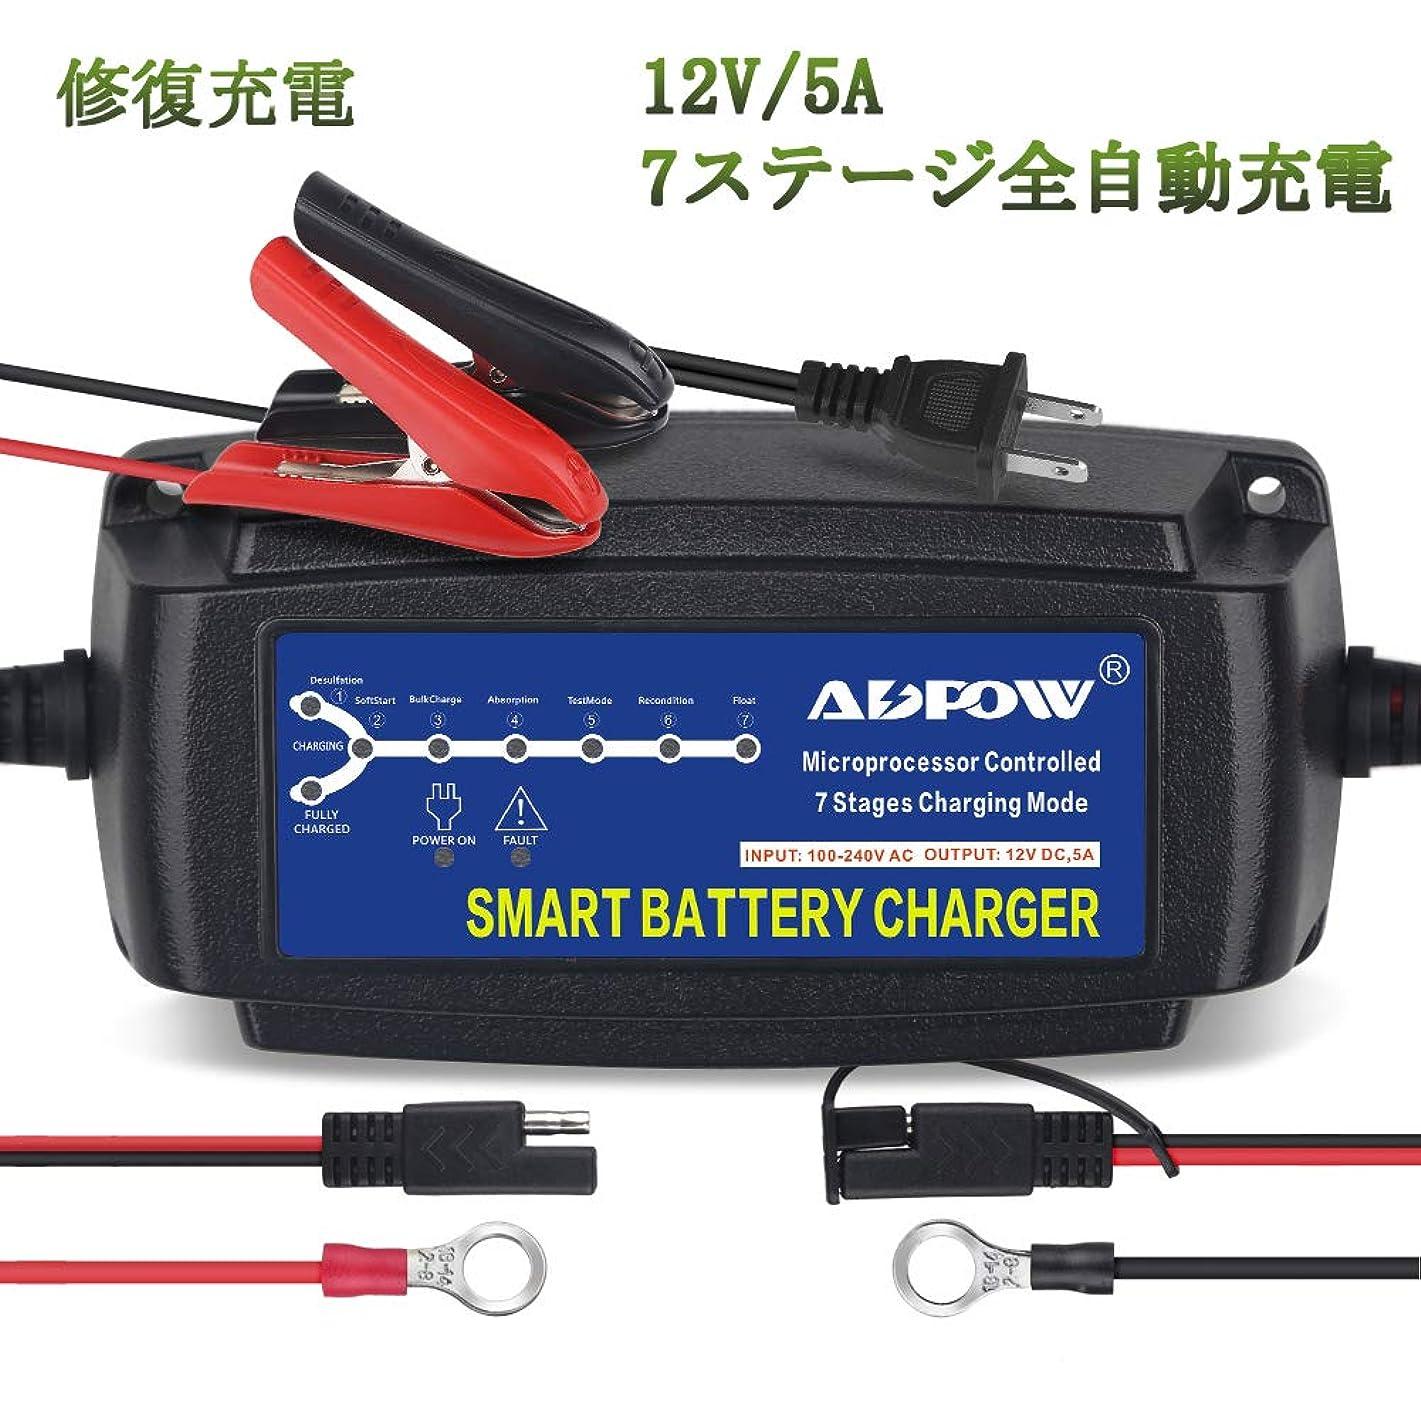 関係するどれでも中間バッテリー 充電器 自動車 バイク カーバッテリー 電動自転車 自動車用 12V バッテリー充電器 カー用品 メンテナンス用品 バッテリーチャージャー バイク用 車 カー 用品 バイク用品 12V 1250mA